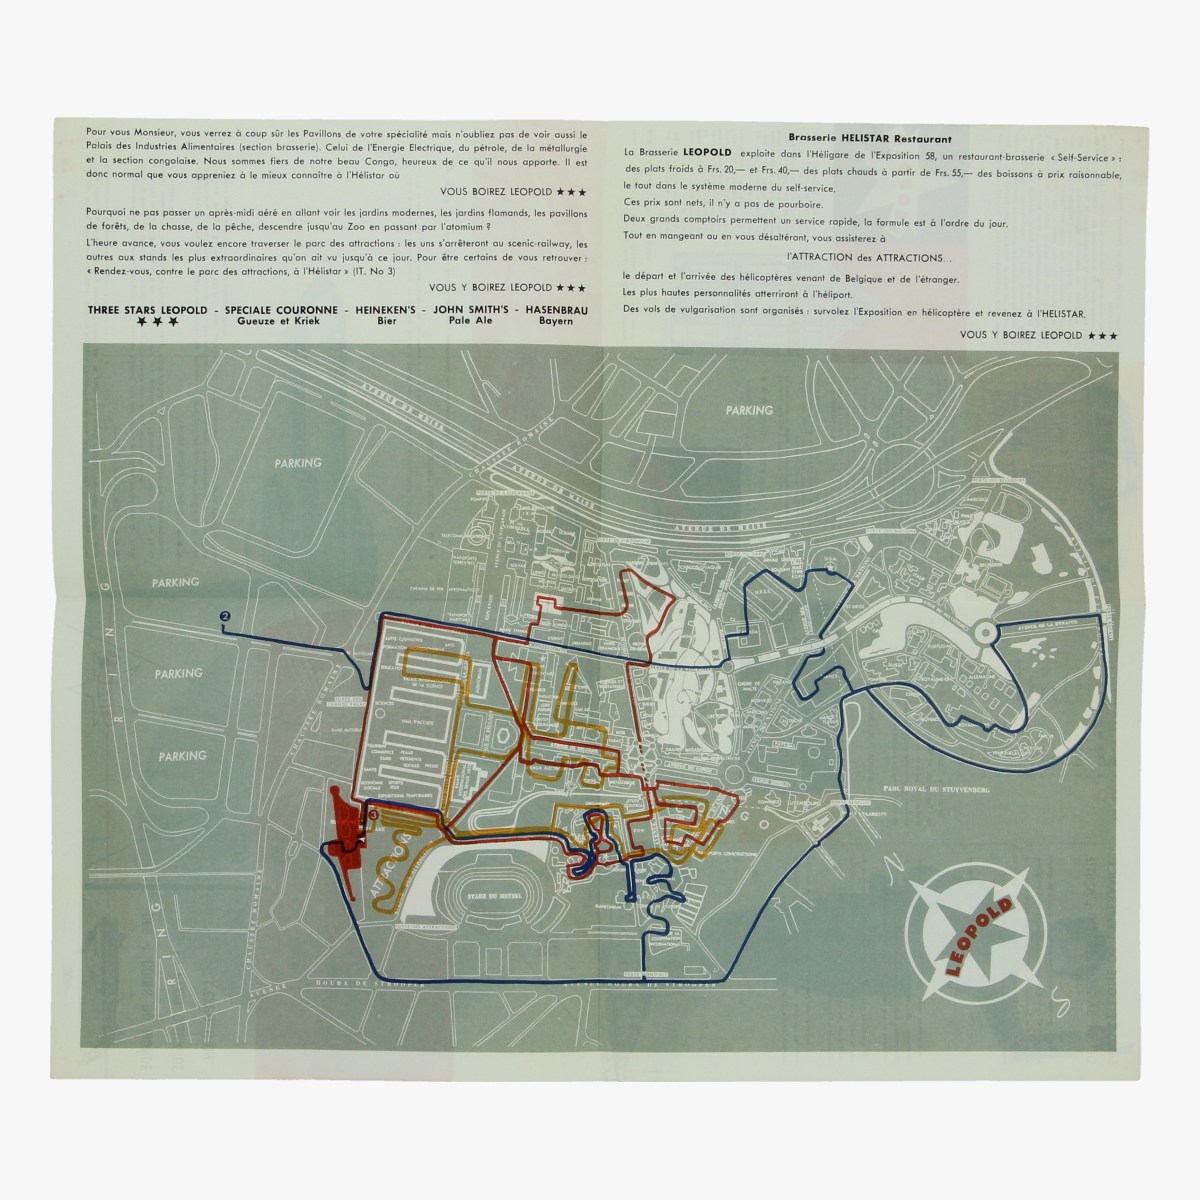 Afbeeldingen van expo 58 folder leopold, sabena brussel